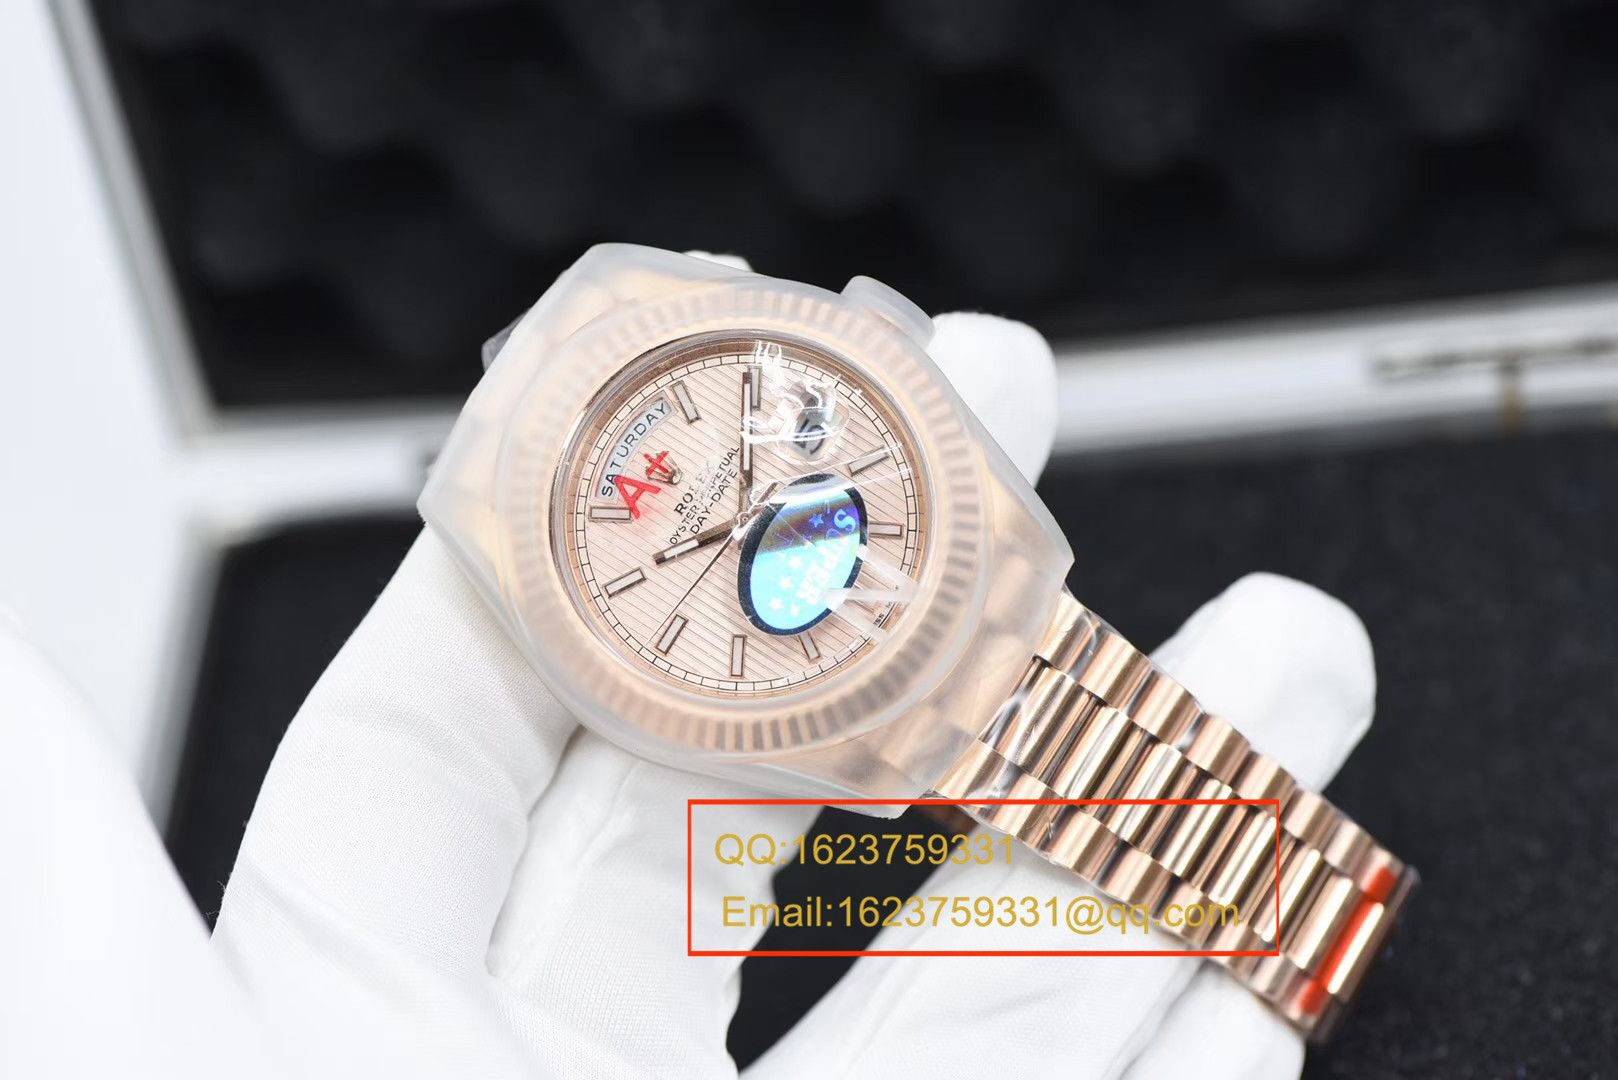 【视频评测N一比一超A高仿手表】劳力士星期日历型Day Date系列228235-83415腕表 / RBE188